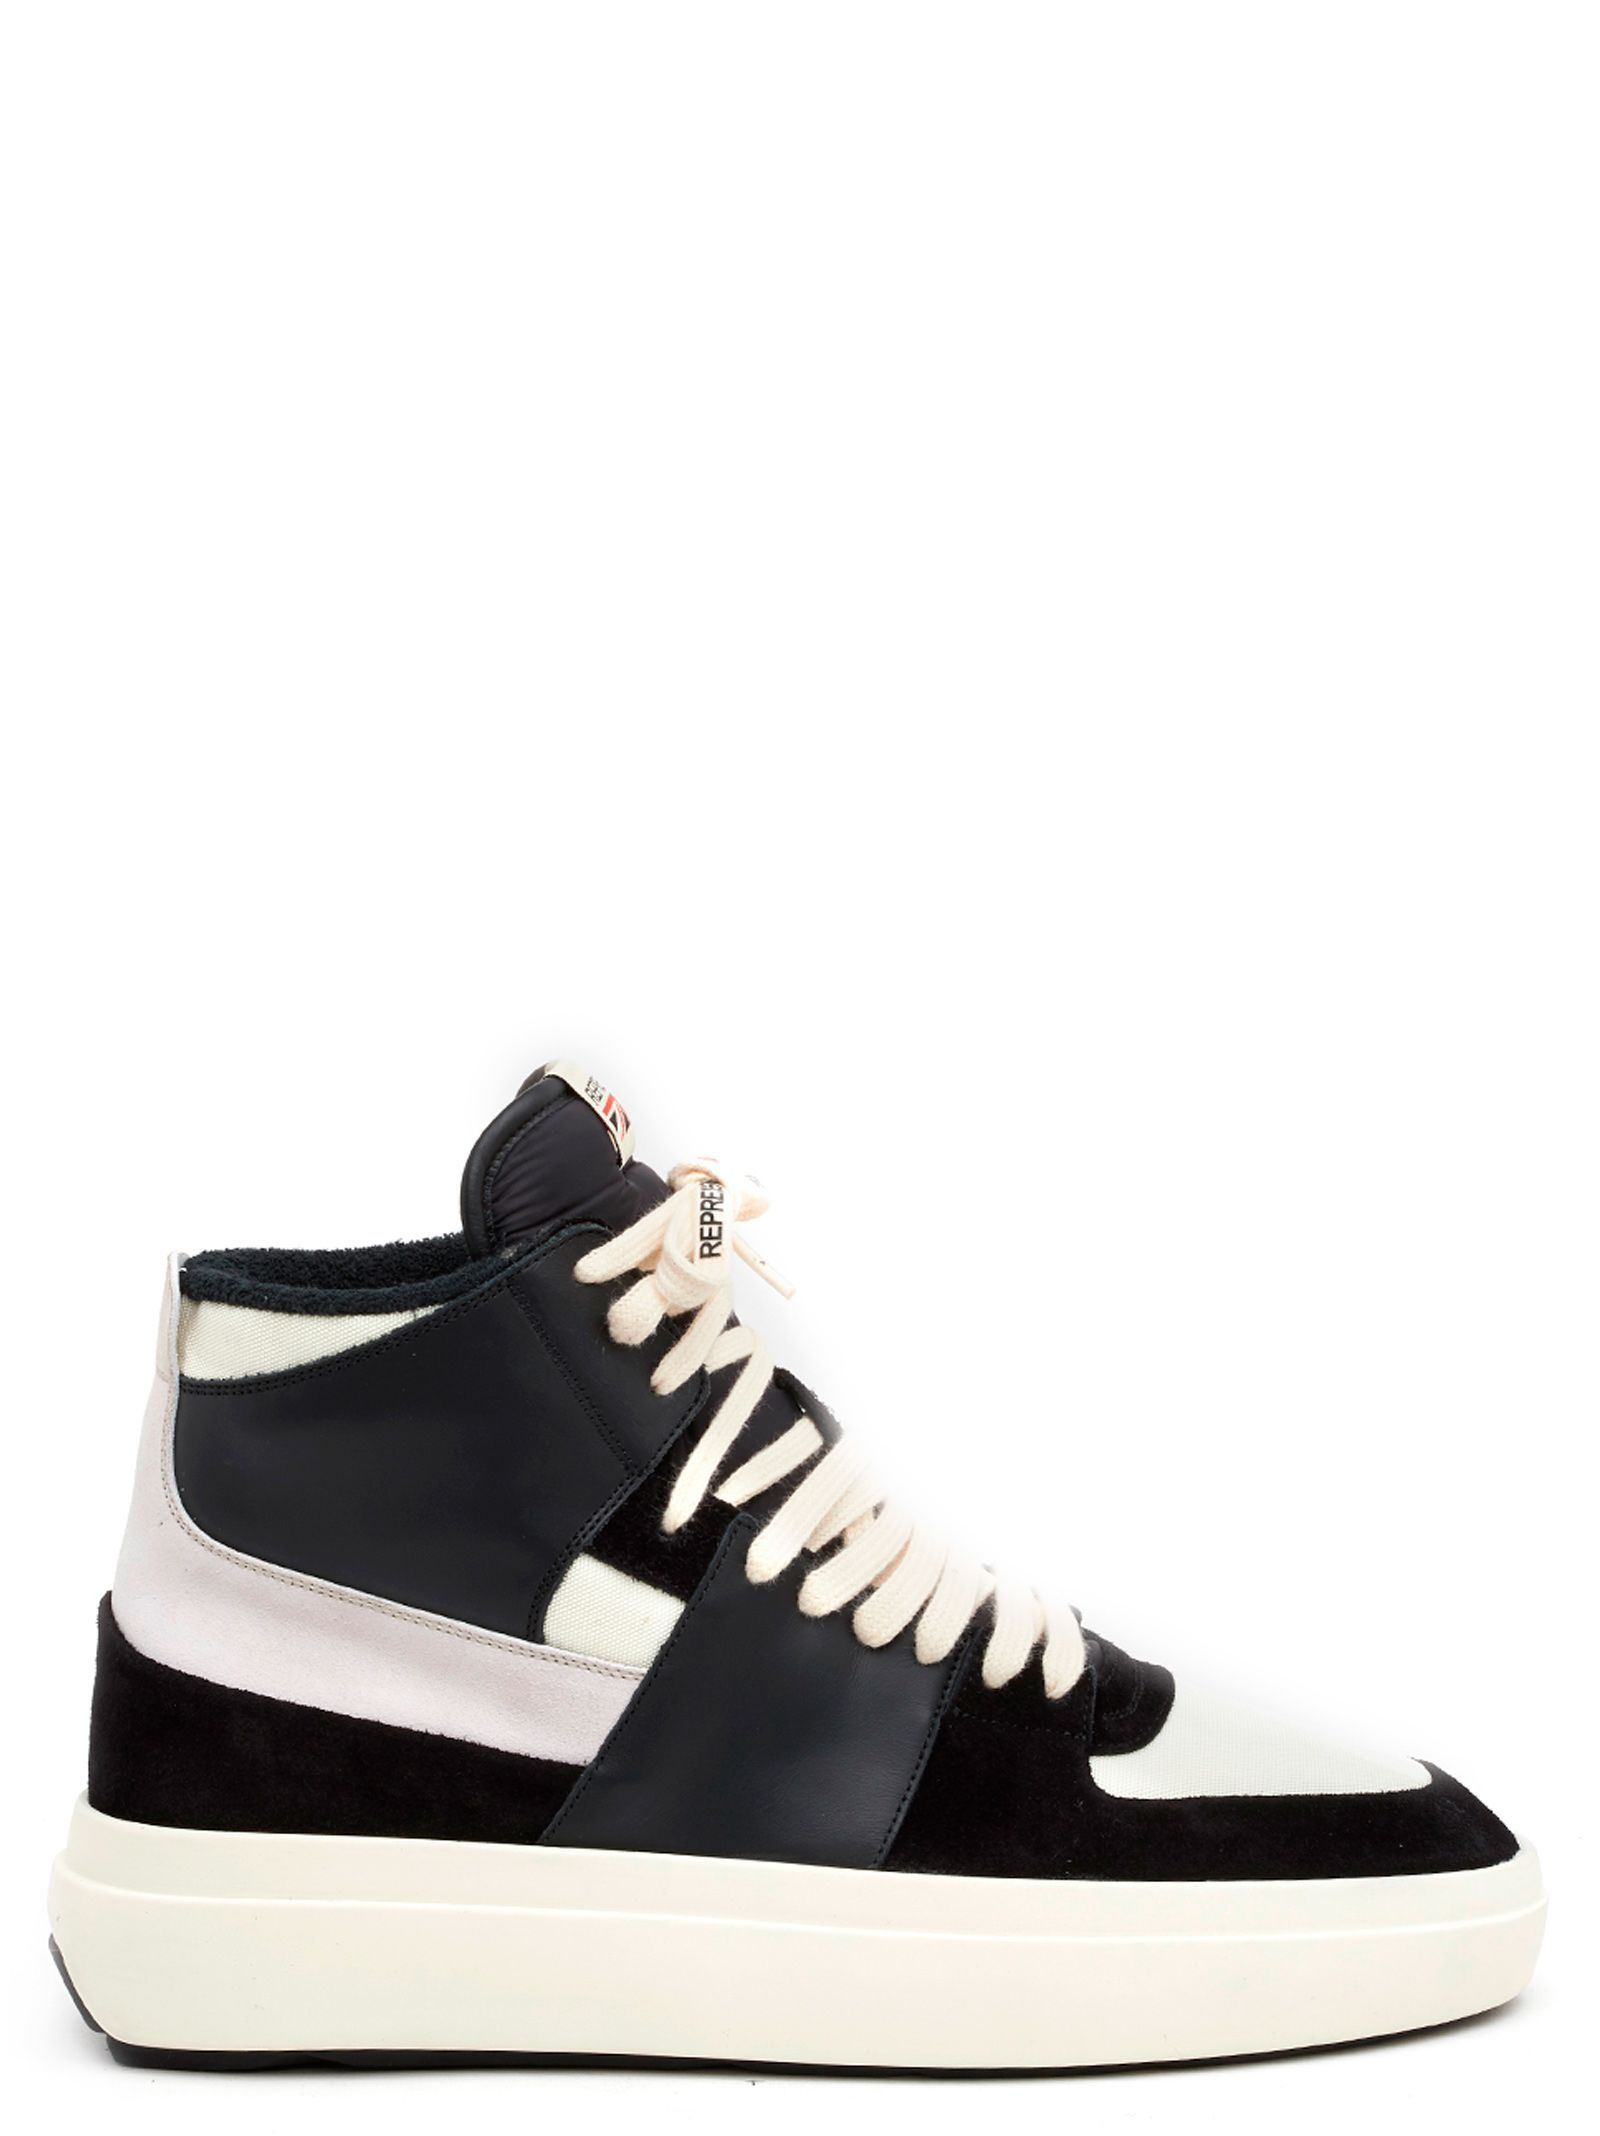 698ef7af2b41 REPRESENT REPRESENT  ALPHA MID  SHOES.  represent  shoes